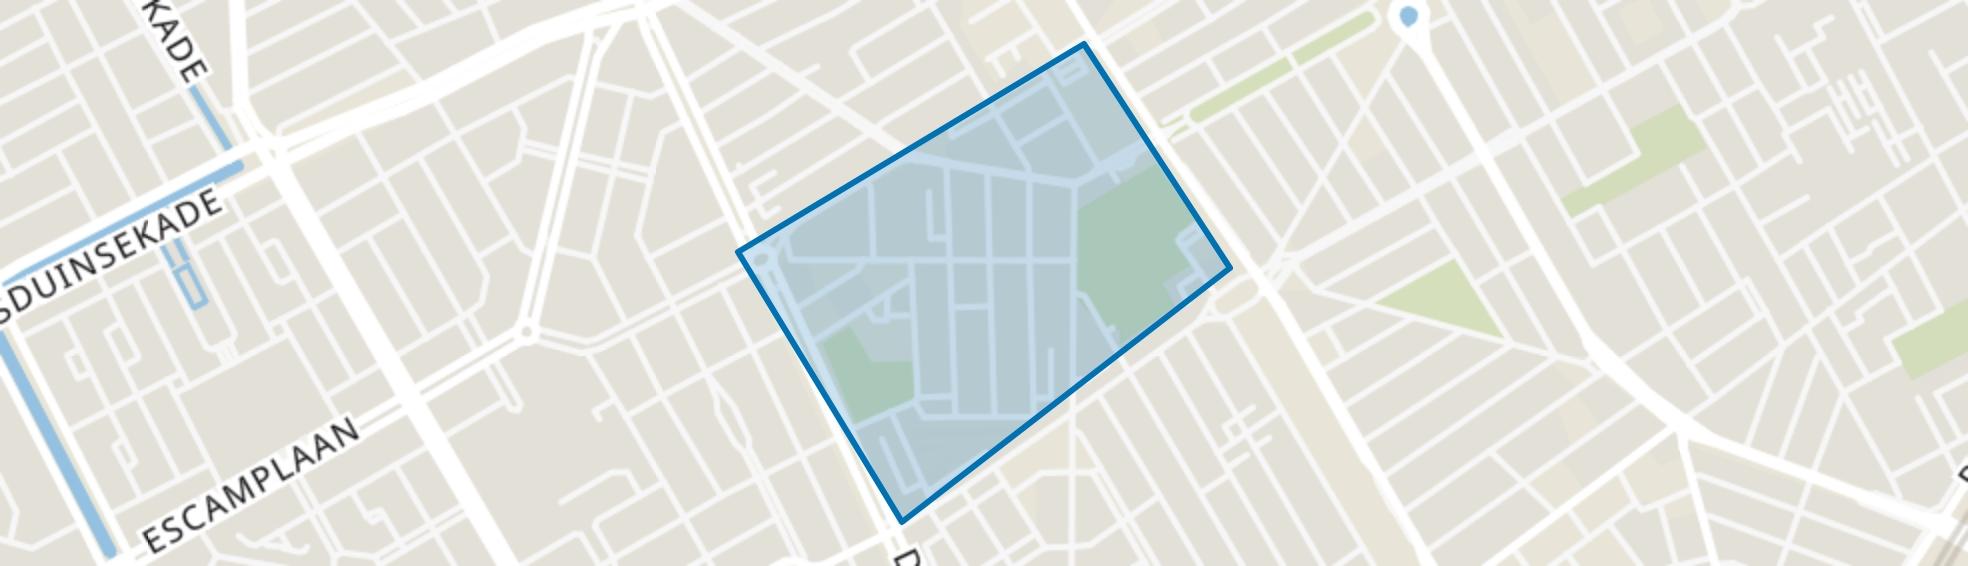 Transvaalkwartier-Midden, Den Haag map